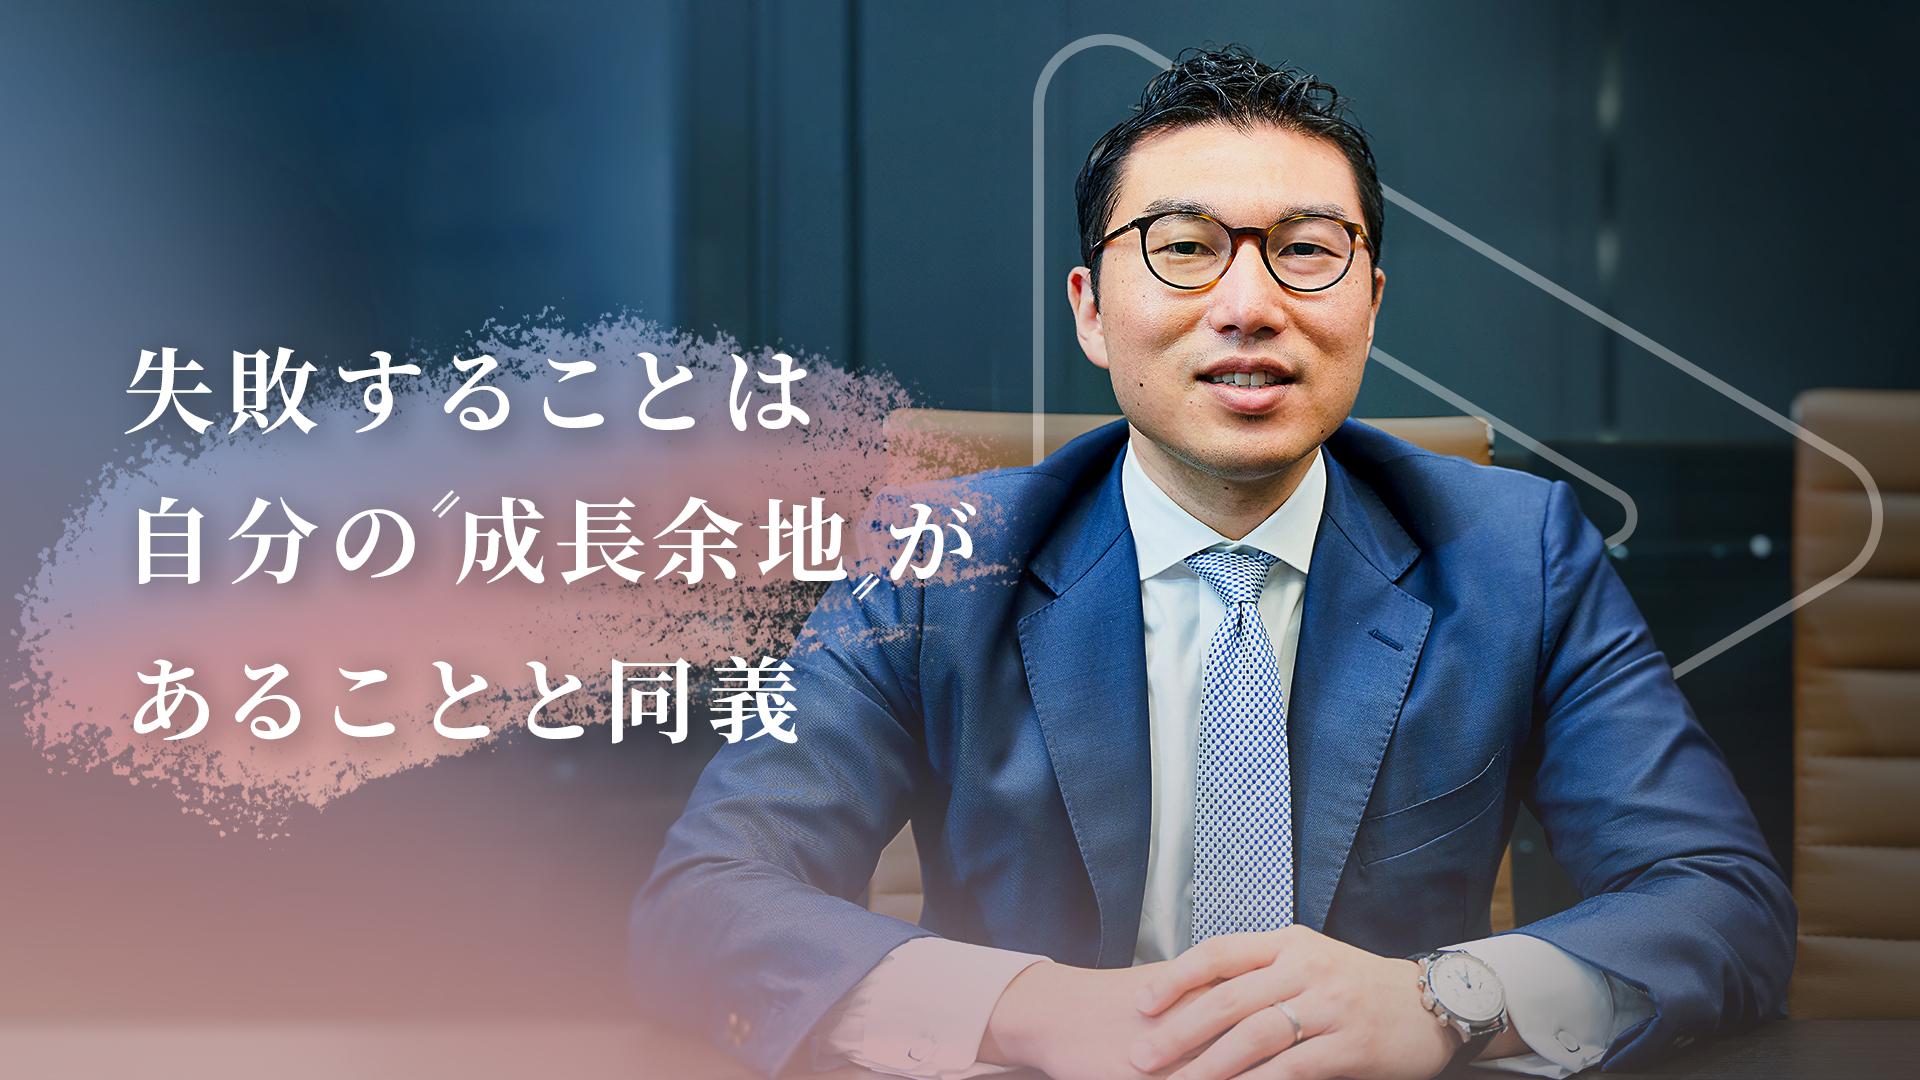 小4で起業を決意したMiiTel・會田武史の無敵道「苦しい状況に追い込まれるほど、楽しさと喜びが増していく」